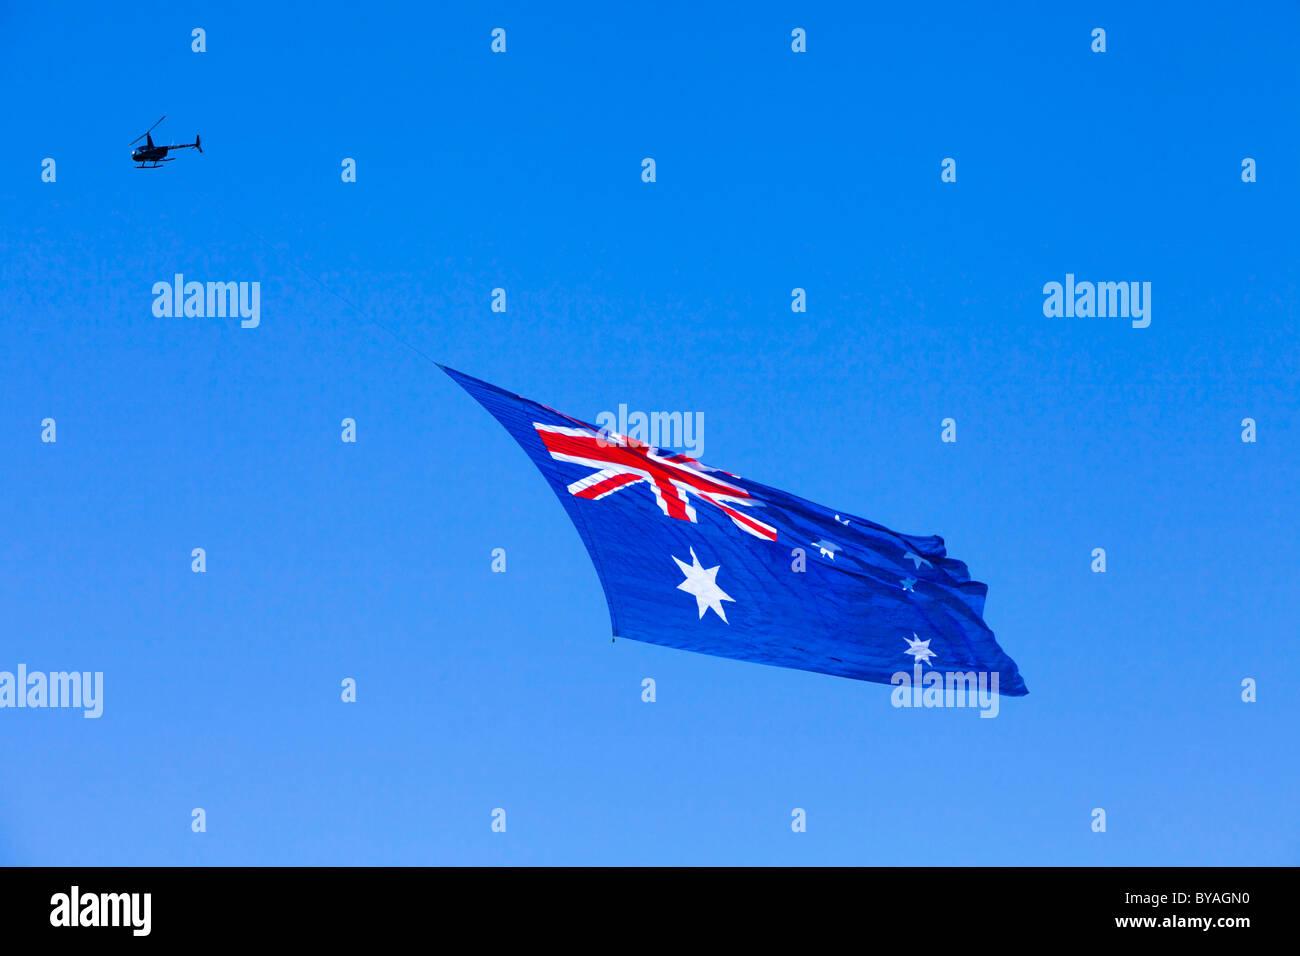 Riesige australische Flagge, gezogen von einem Hubschrauber. Australia Day, Perth, 2011 Stockbild